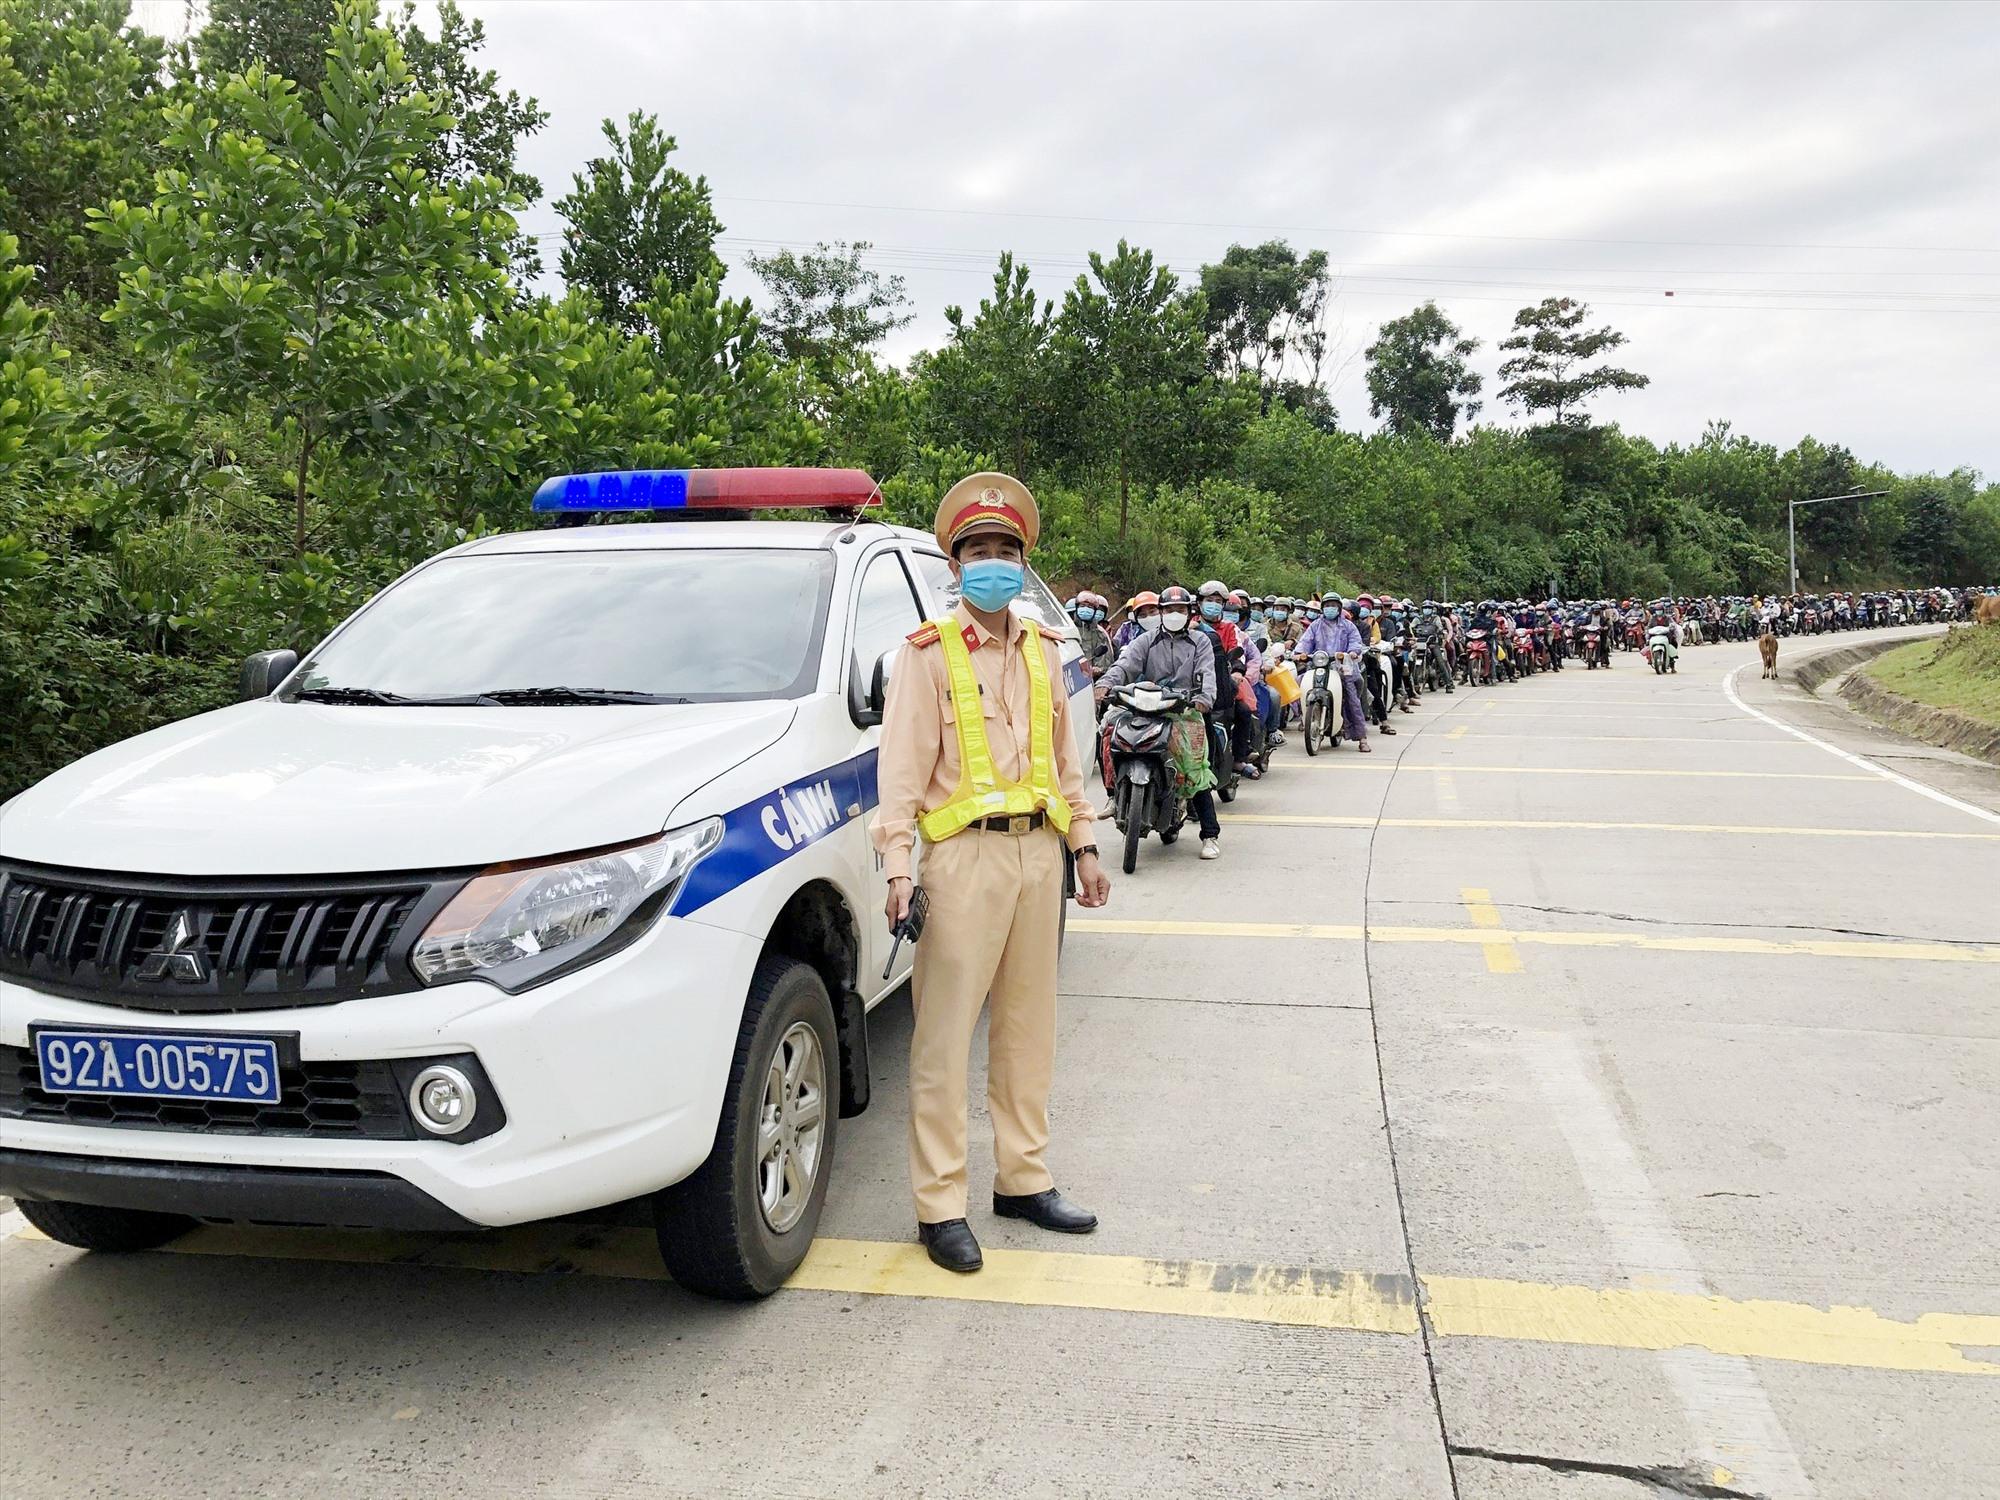 Cảnh sát giao thông dẫn đường cho đoàn người hồi hương về quê bằng xe máy.